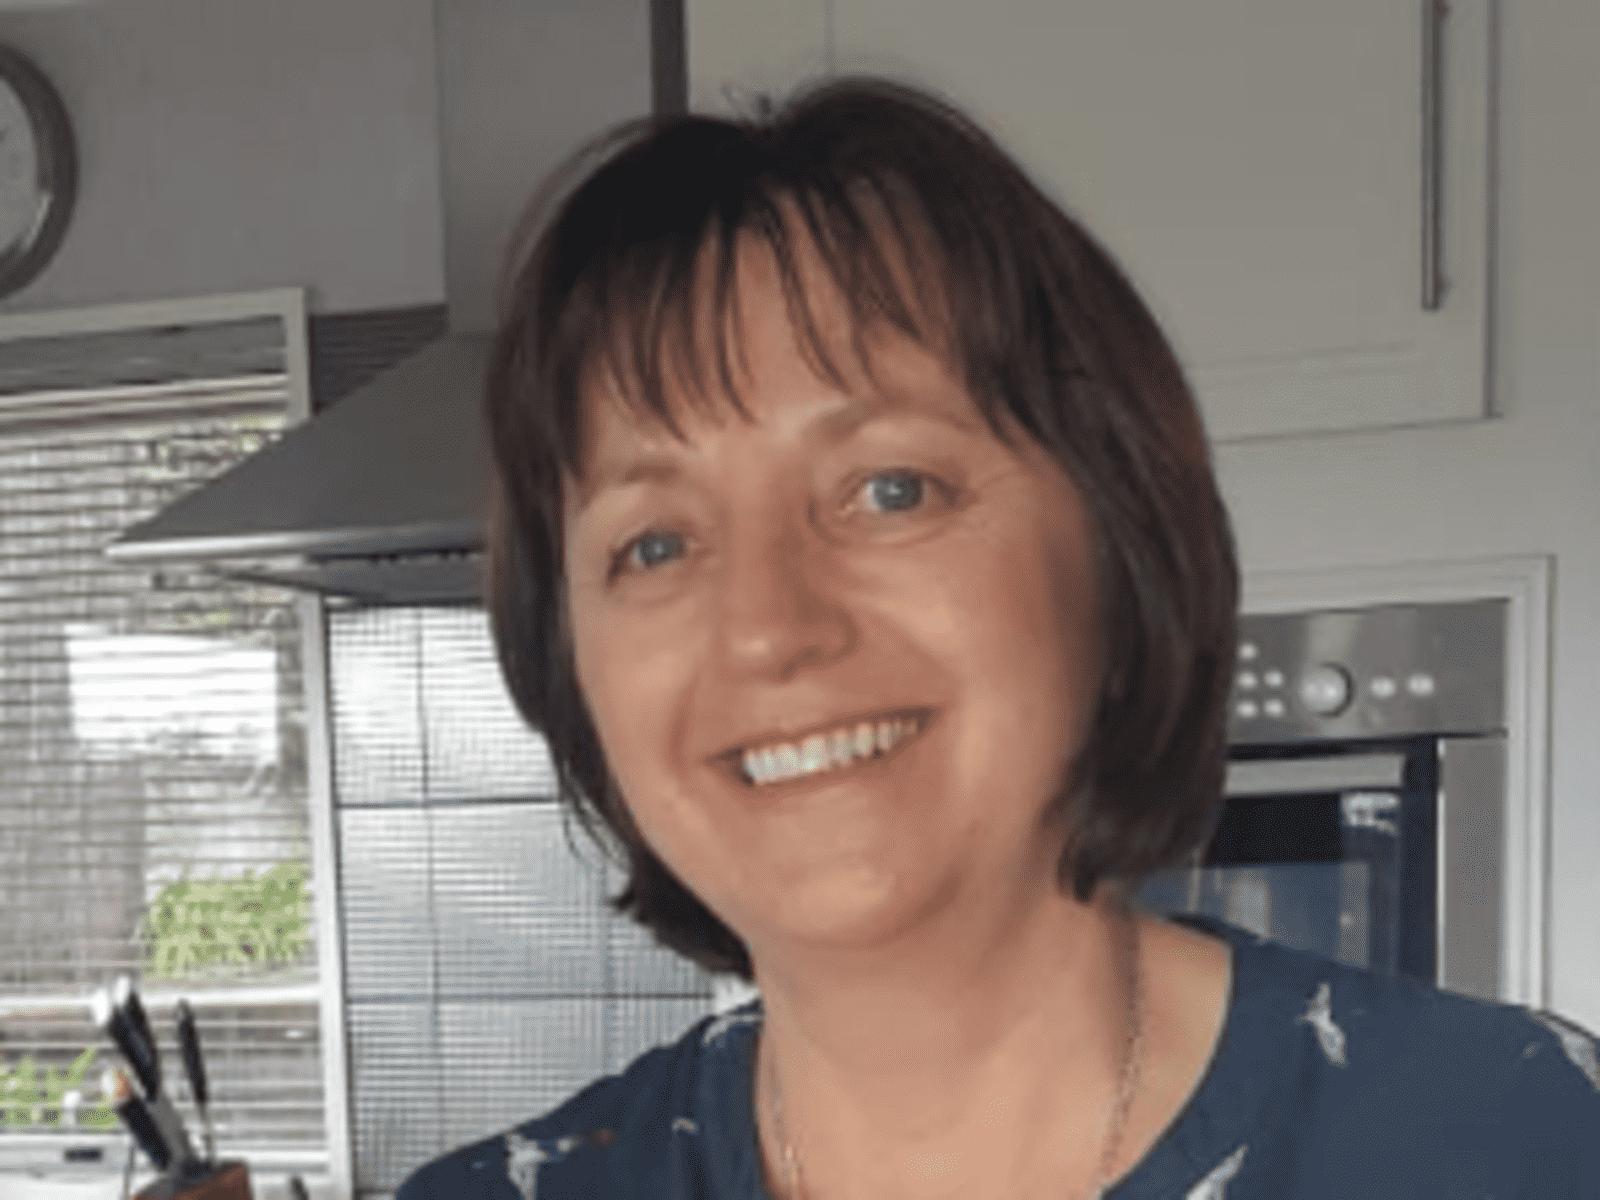 Barbara from Tauranga, New Zealand